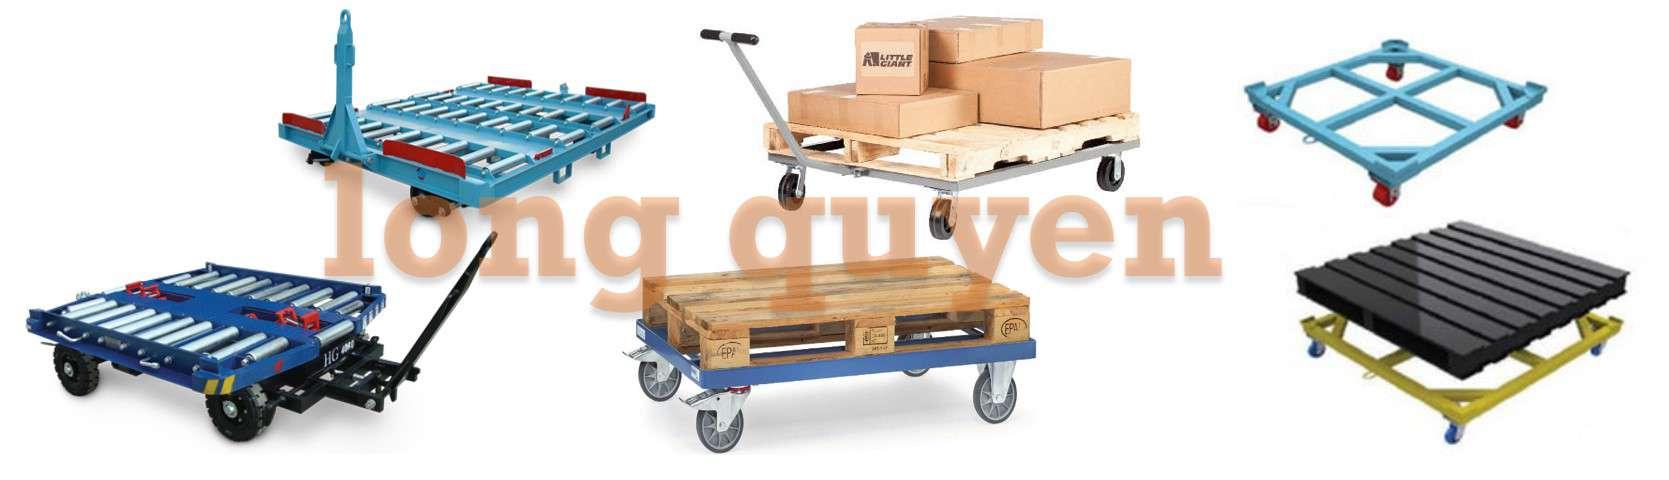 Xe kéo , Xe kéo đẩy , x pallet dollies , xe đẩy chở hàng , xe đẩy chở hàng công nghiệp